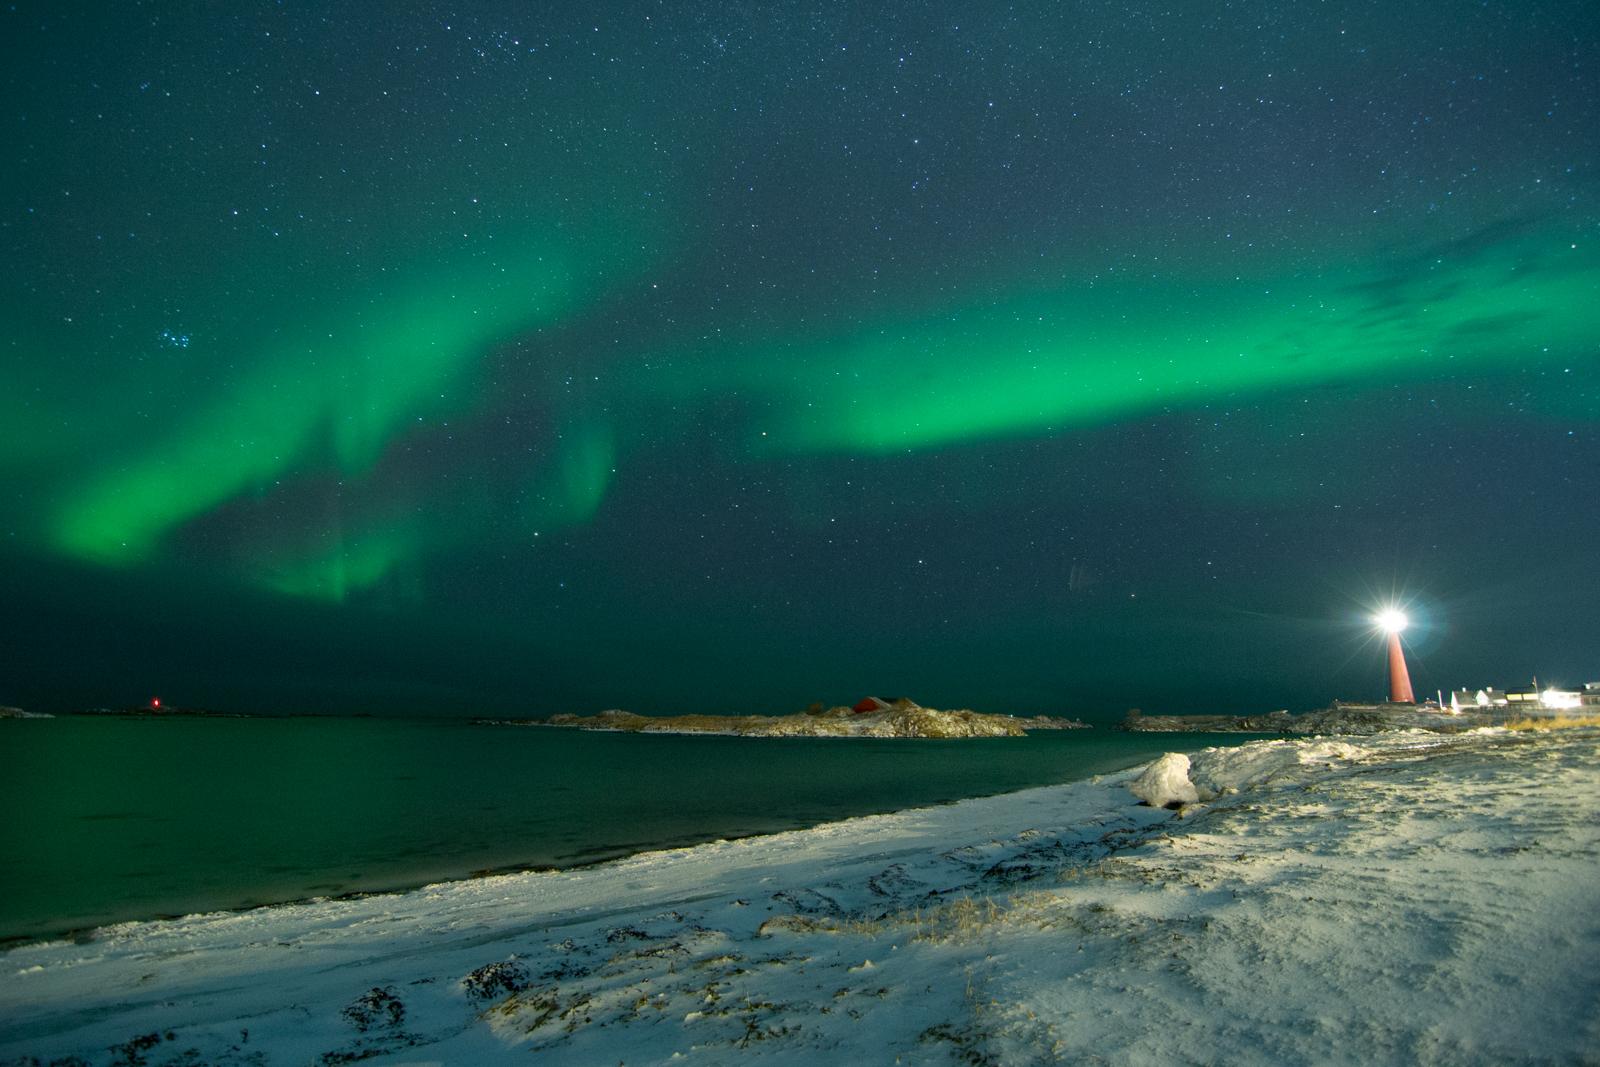 Spiaggia di Andenes con aurora boreale e faro acceso